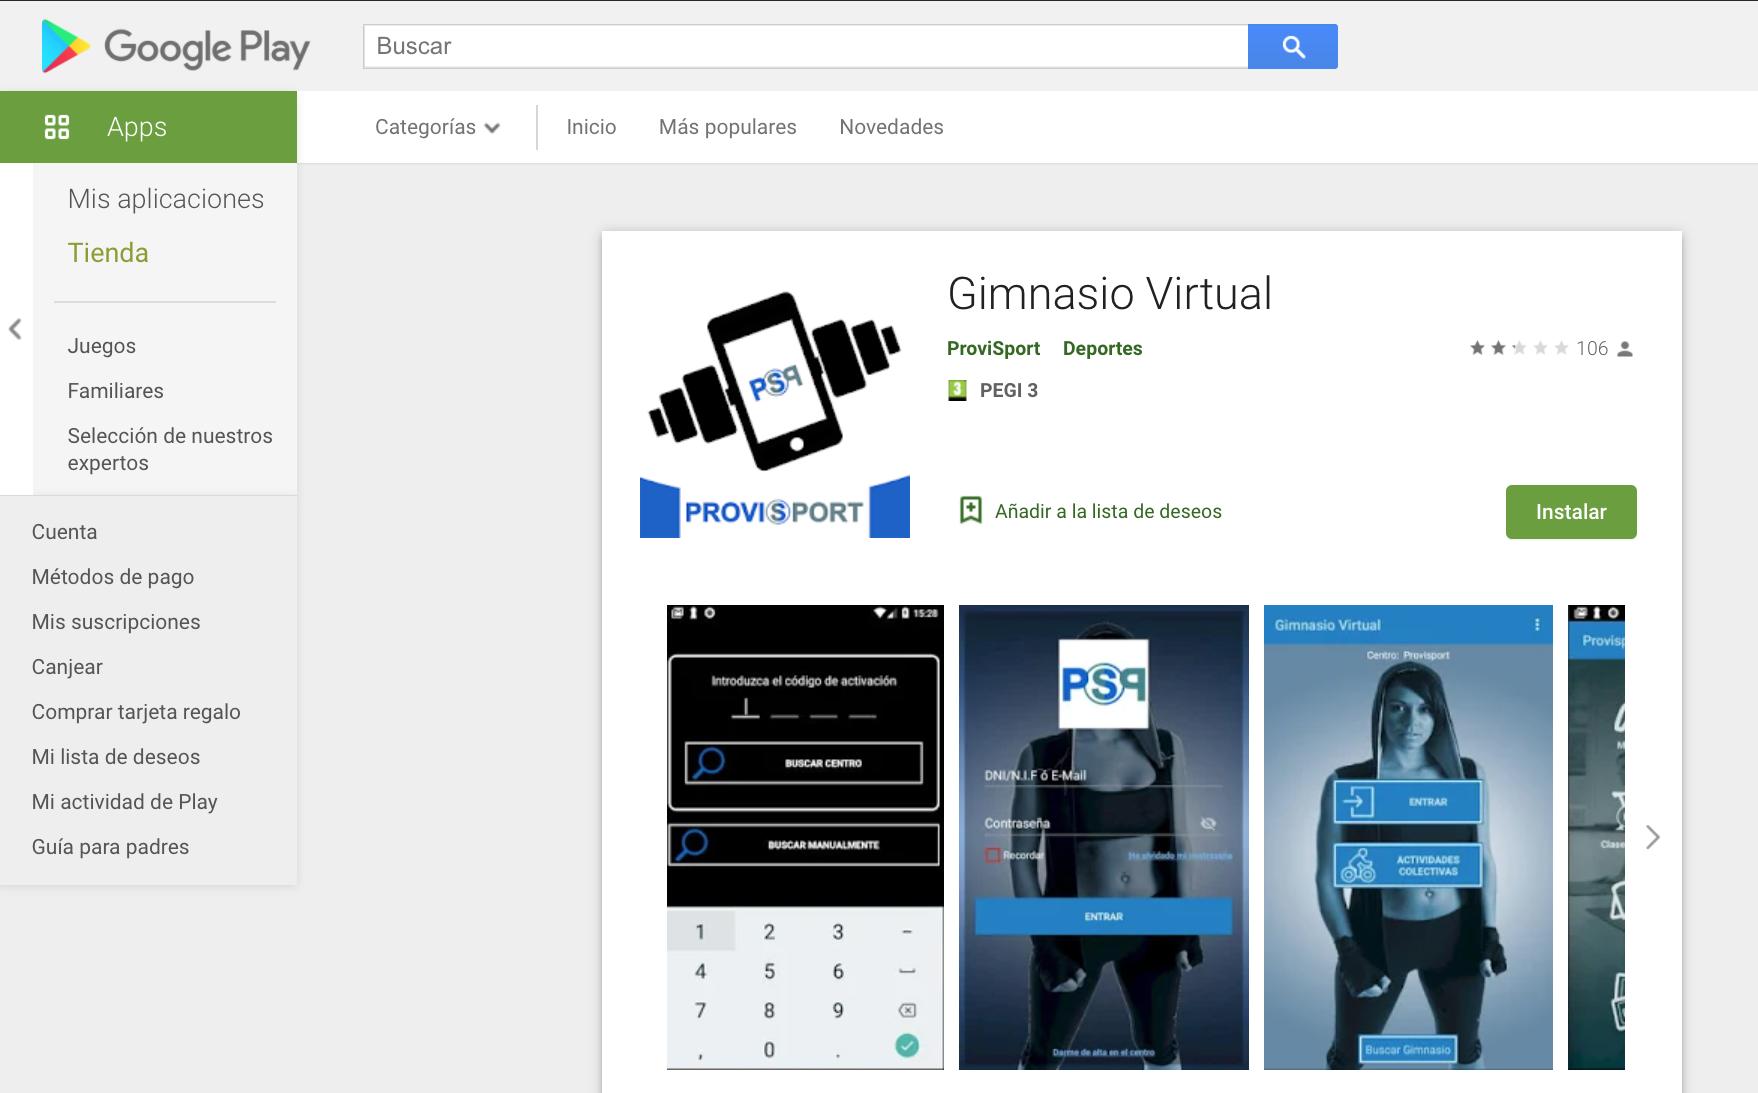 Vista de la aplicación Gimnasio Virtual en Google Play